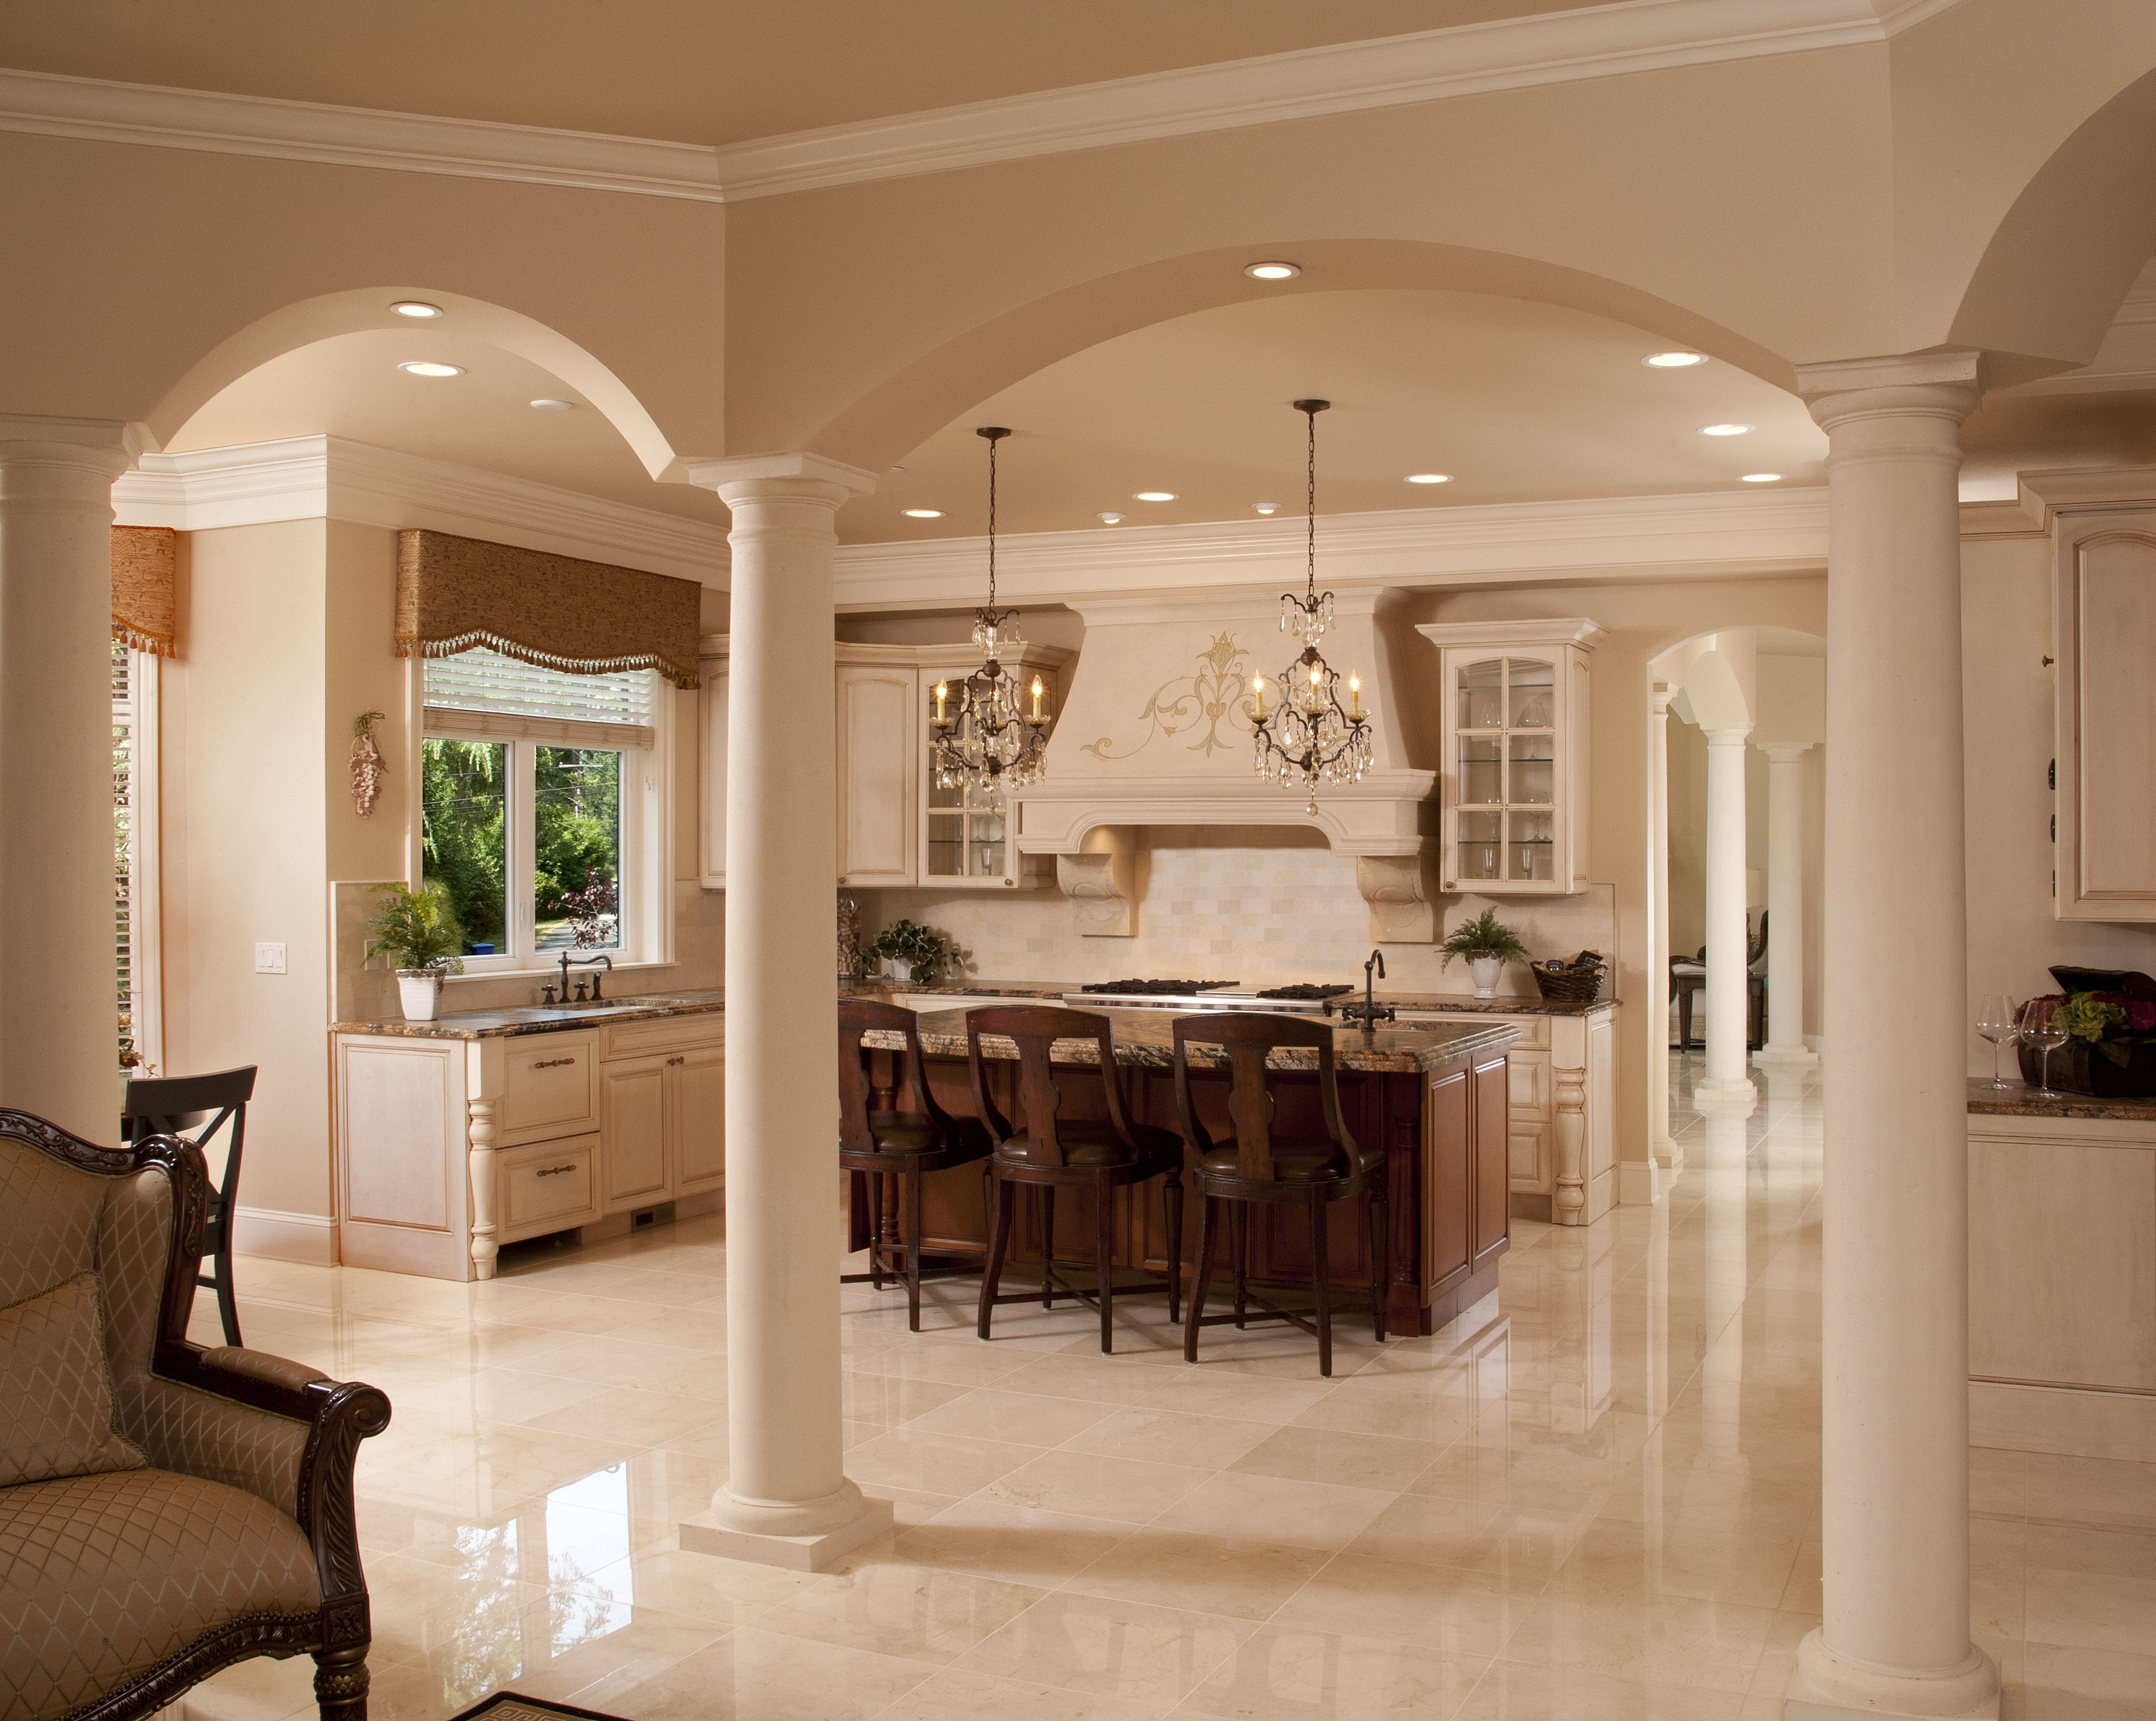 Luxury Kitchen Island Columns Archway